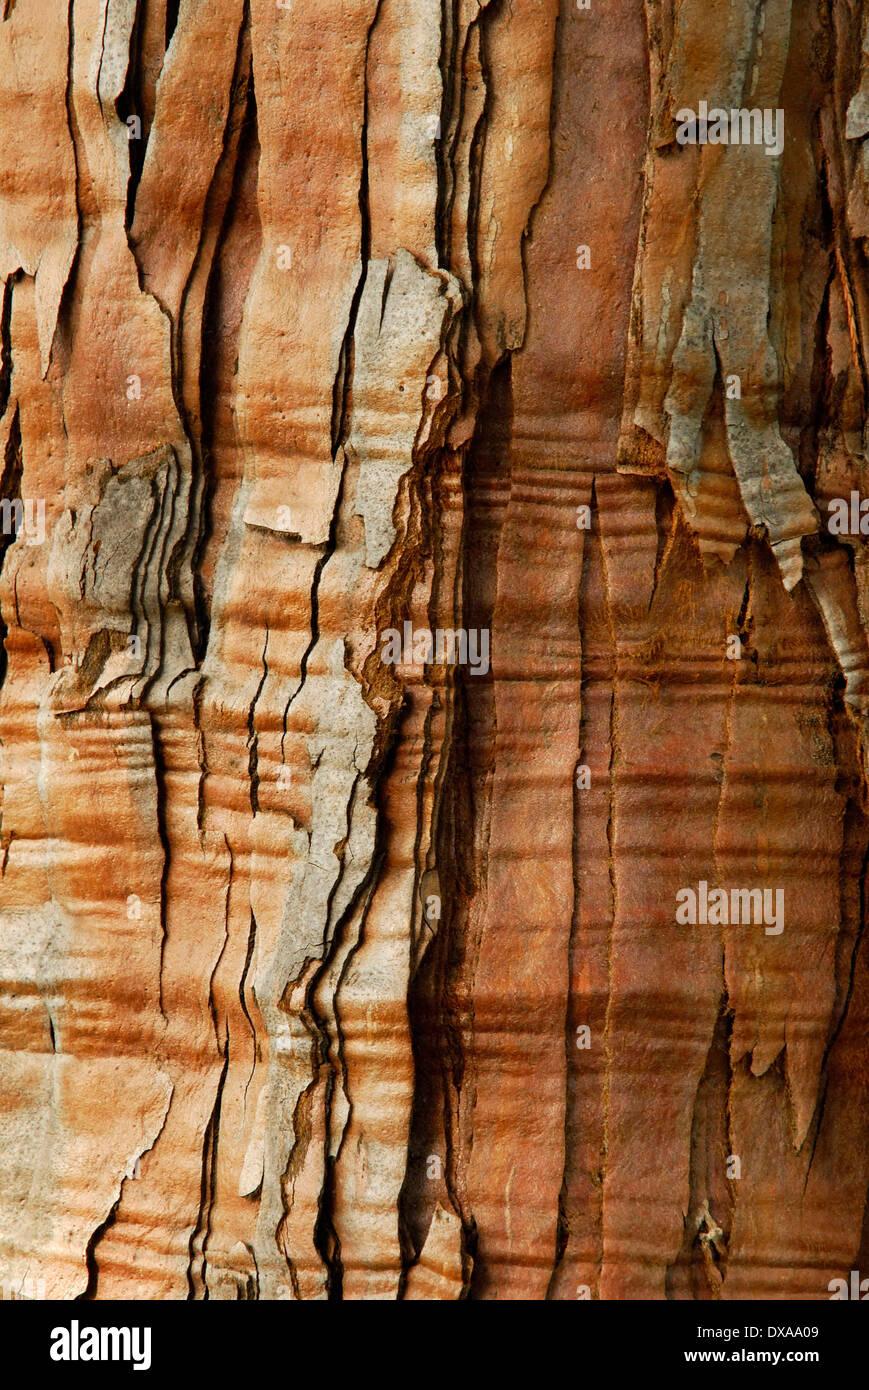 Giant Sequoia - Stock Image